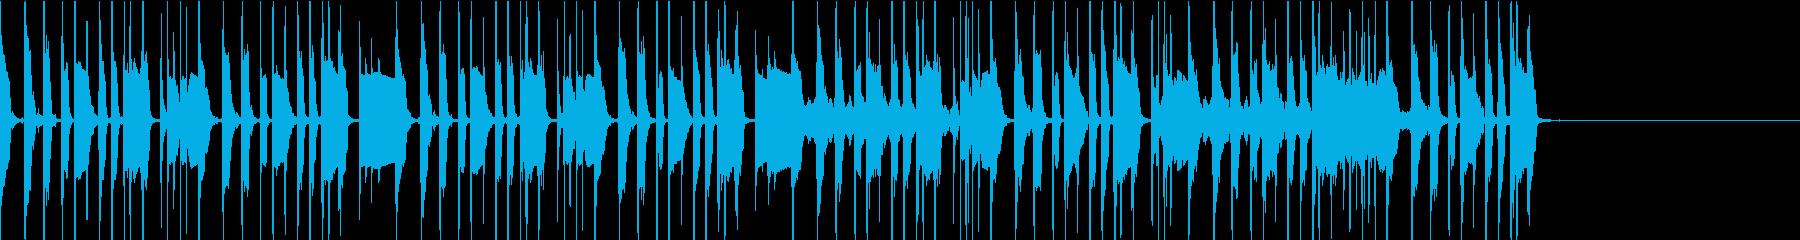 明るく軽快なファンクギター の再生済みの波形